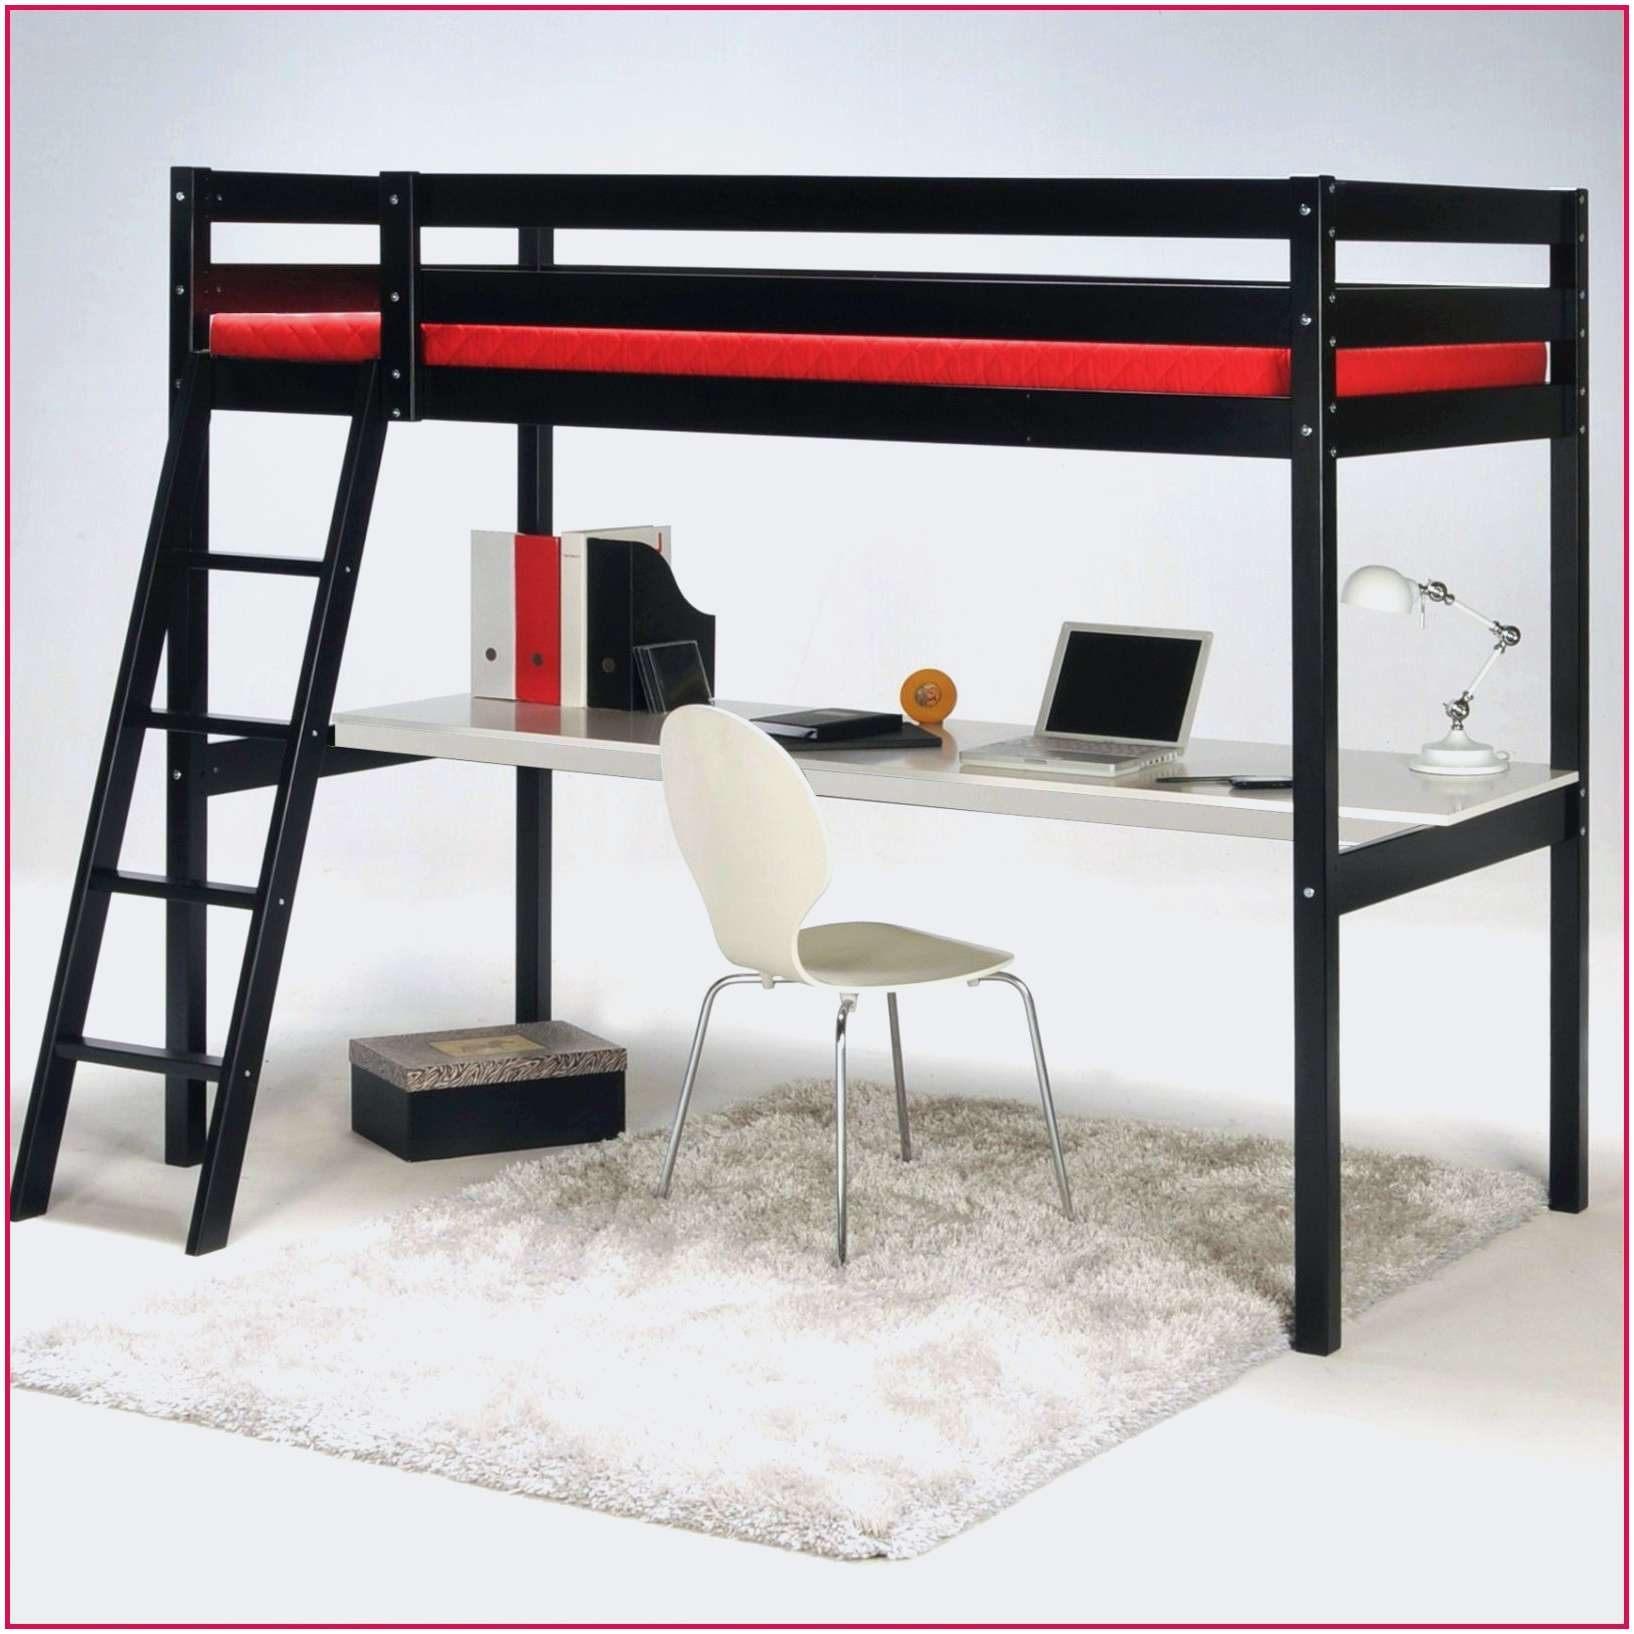 Lit Mezzanine 1 Personne Inspirant Luxe Lit Mezzanine Clic Clac Ikea Unique Lit Mezzanine 160—200 Pour